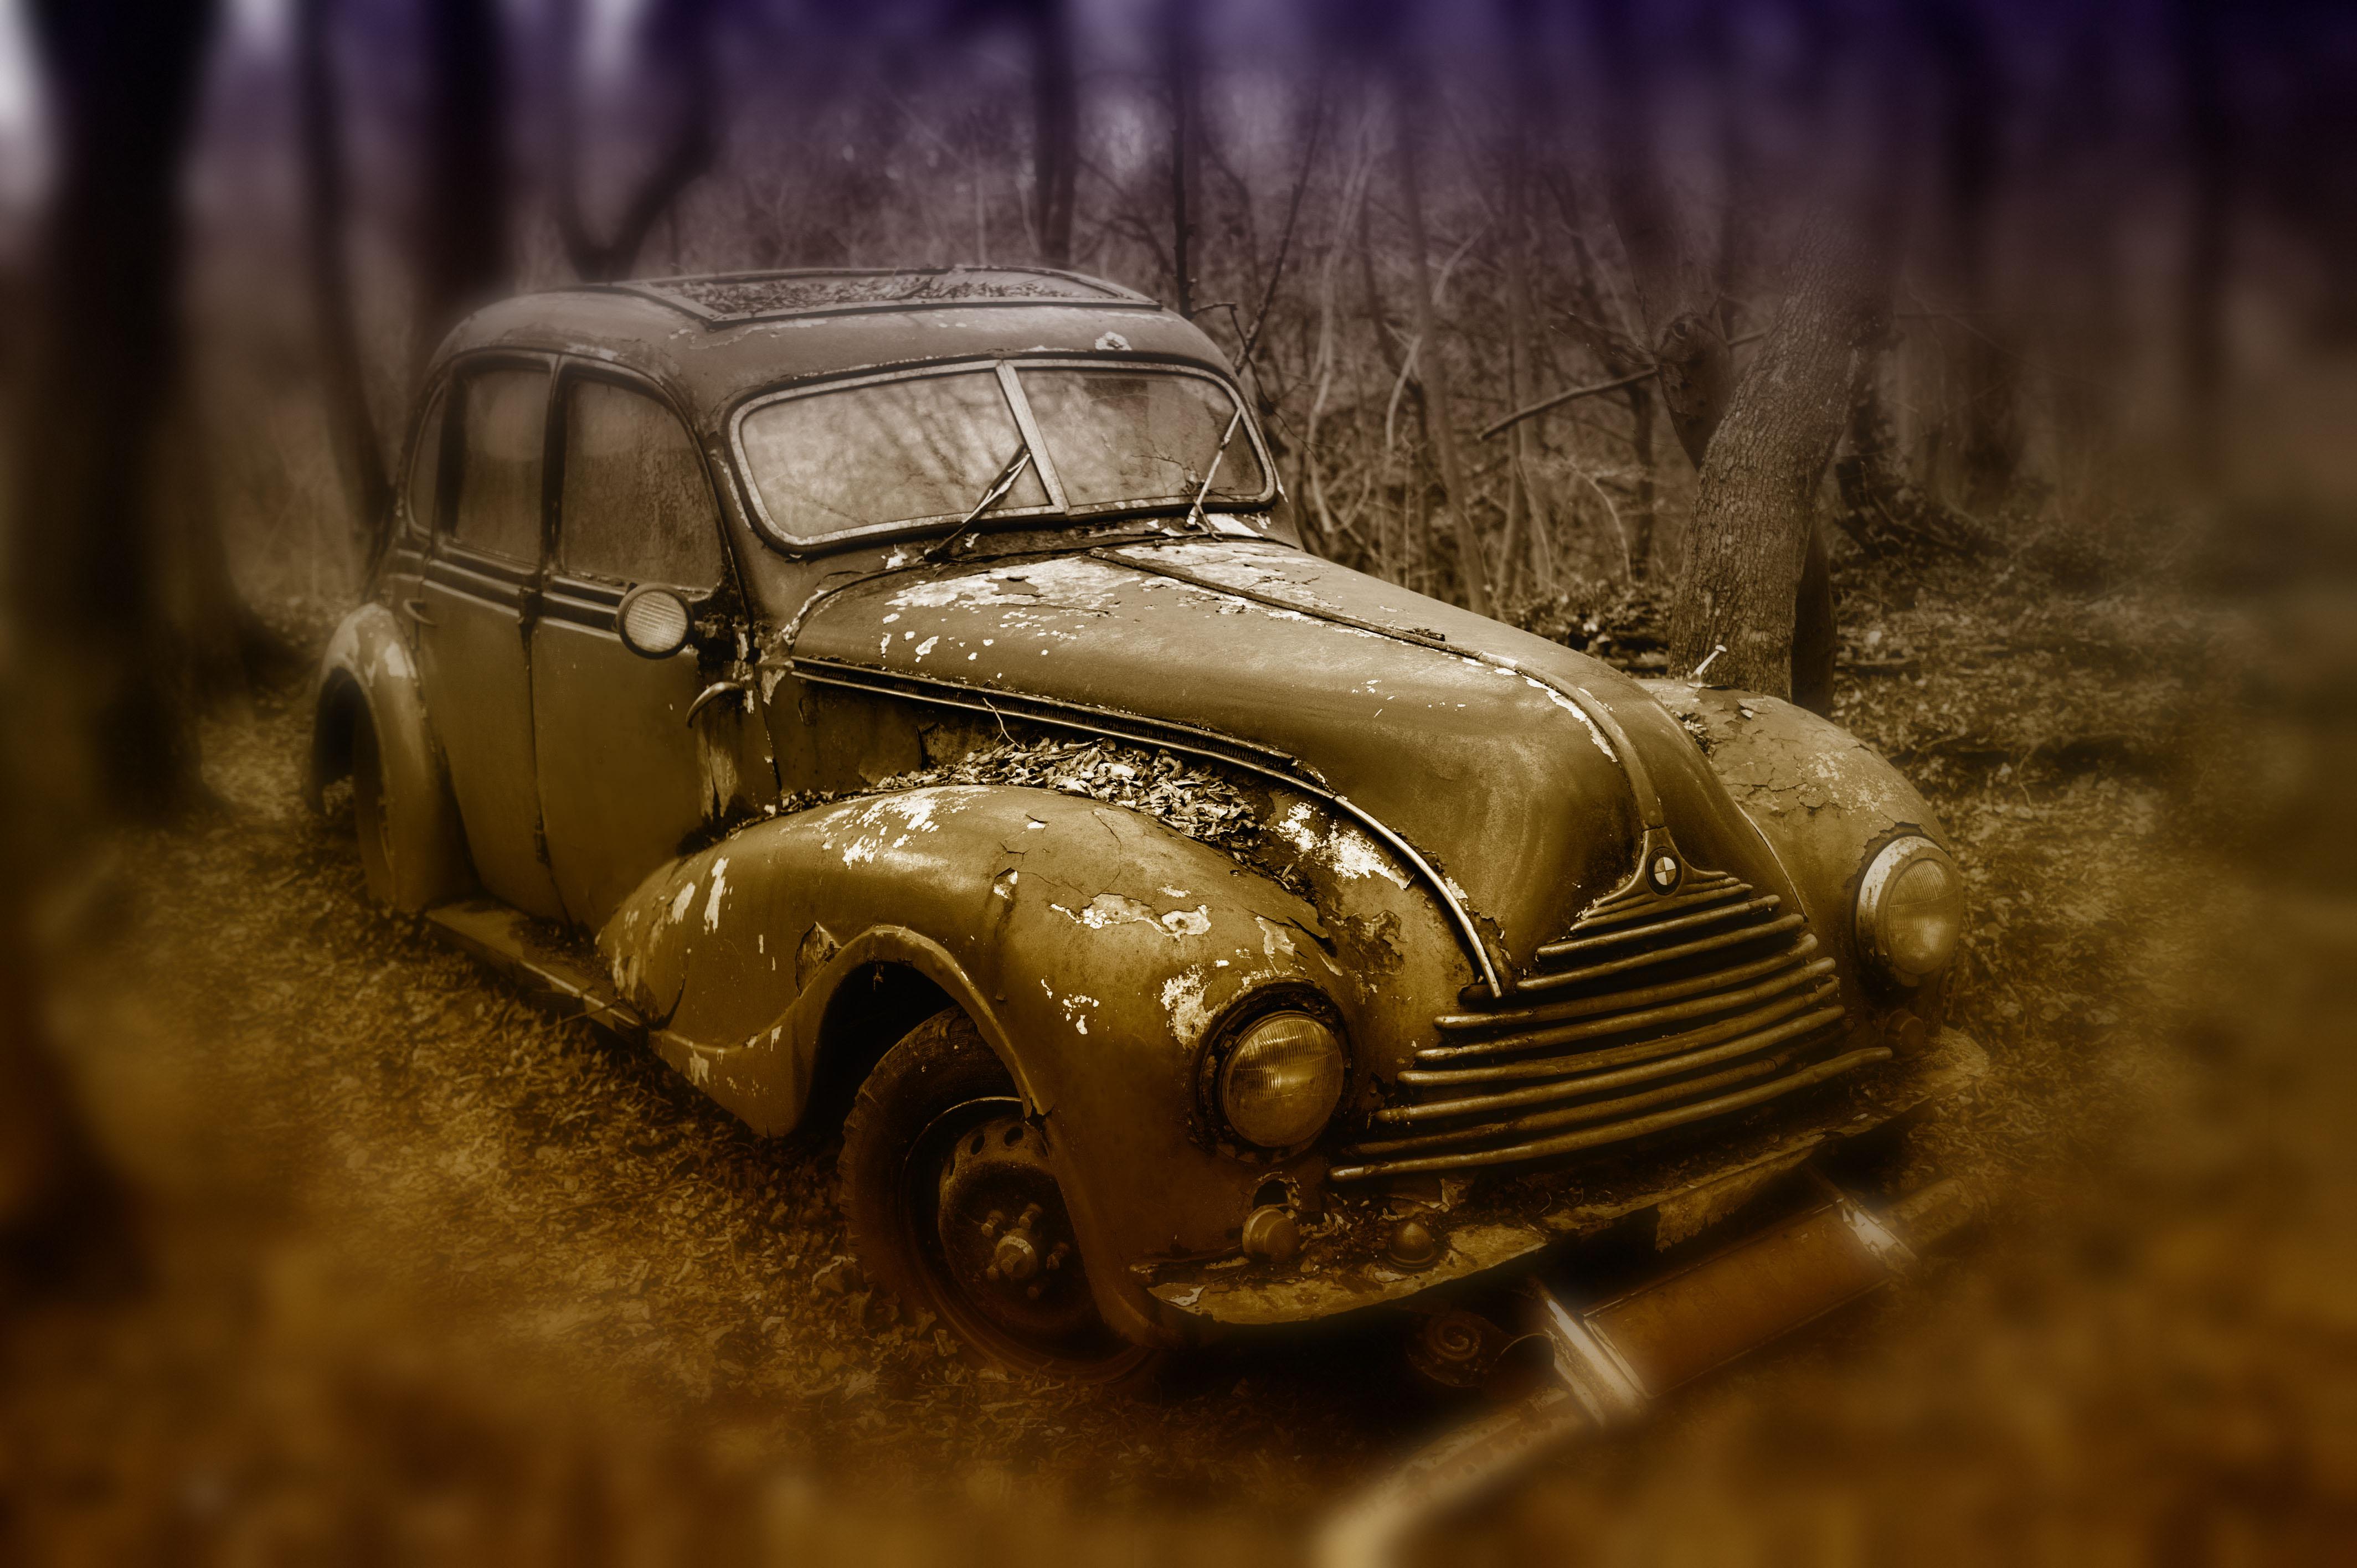 подарков будет фото слайды старинных автомобилей достопримечательность, которая приобрела